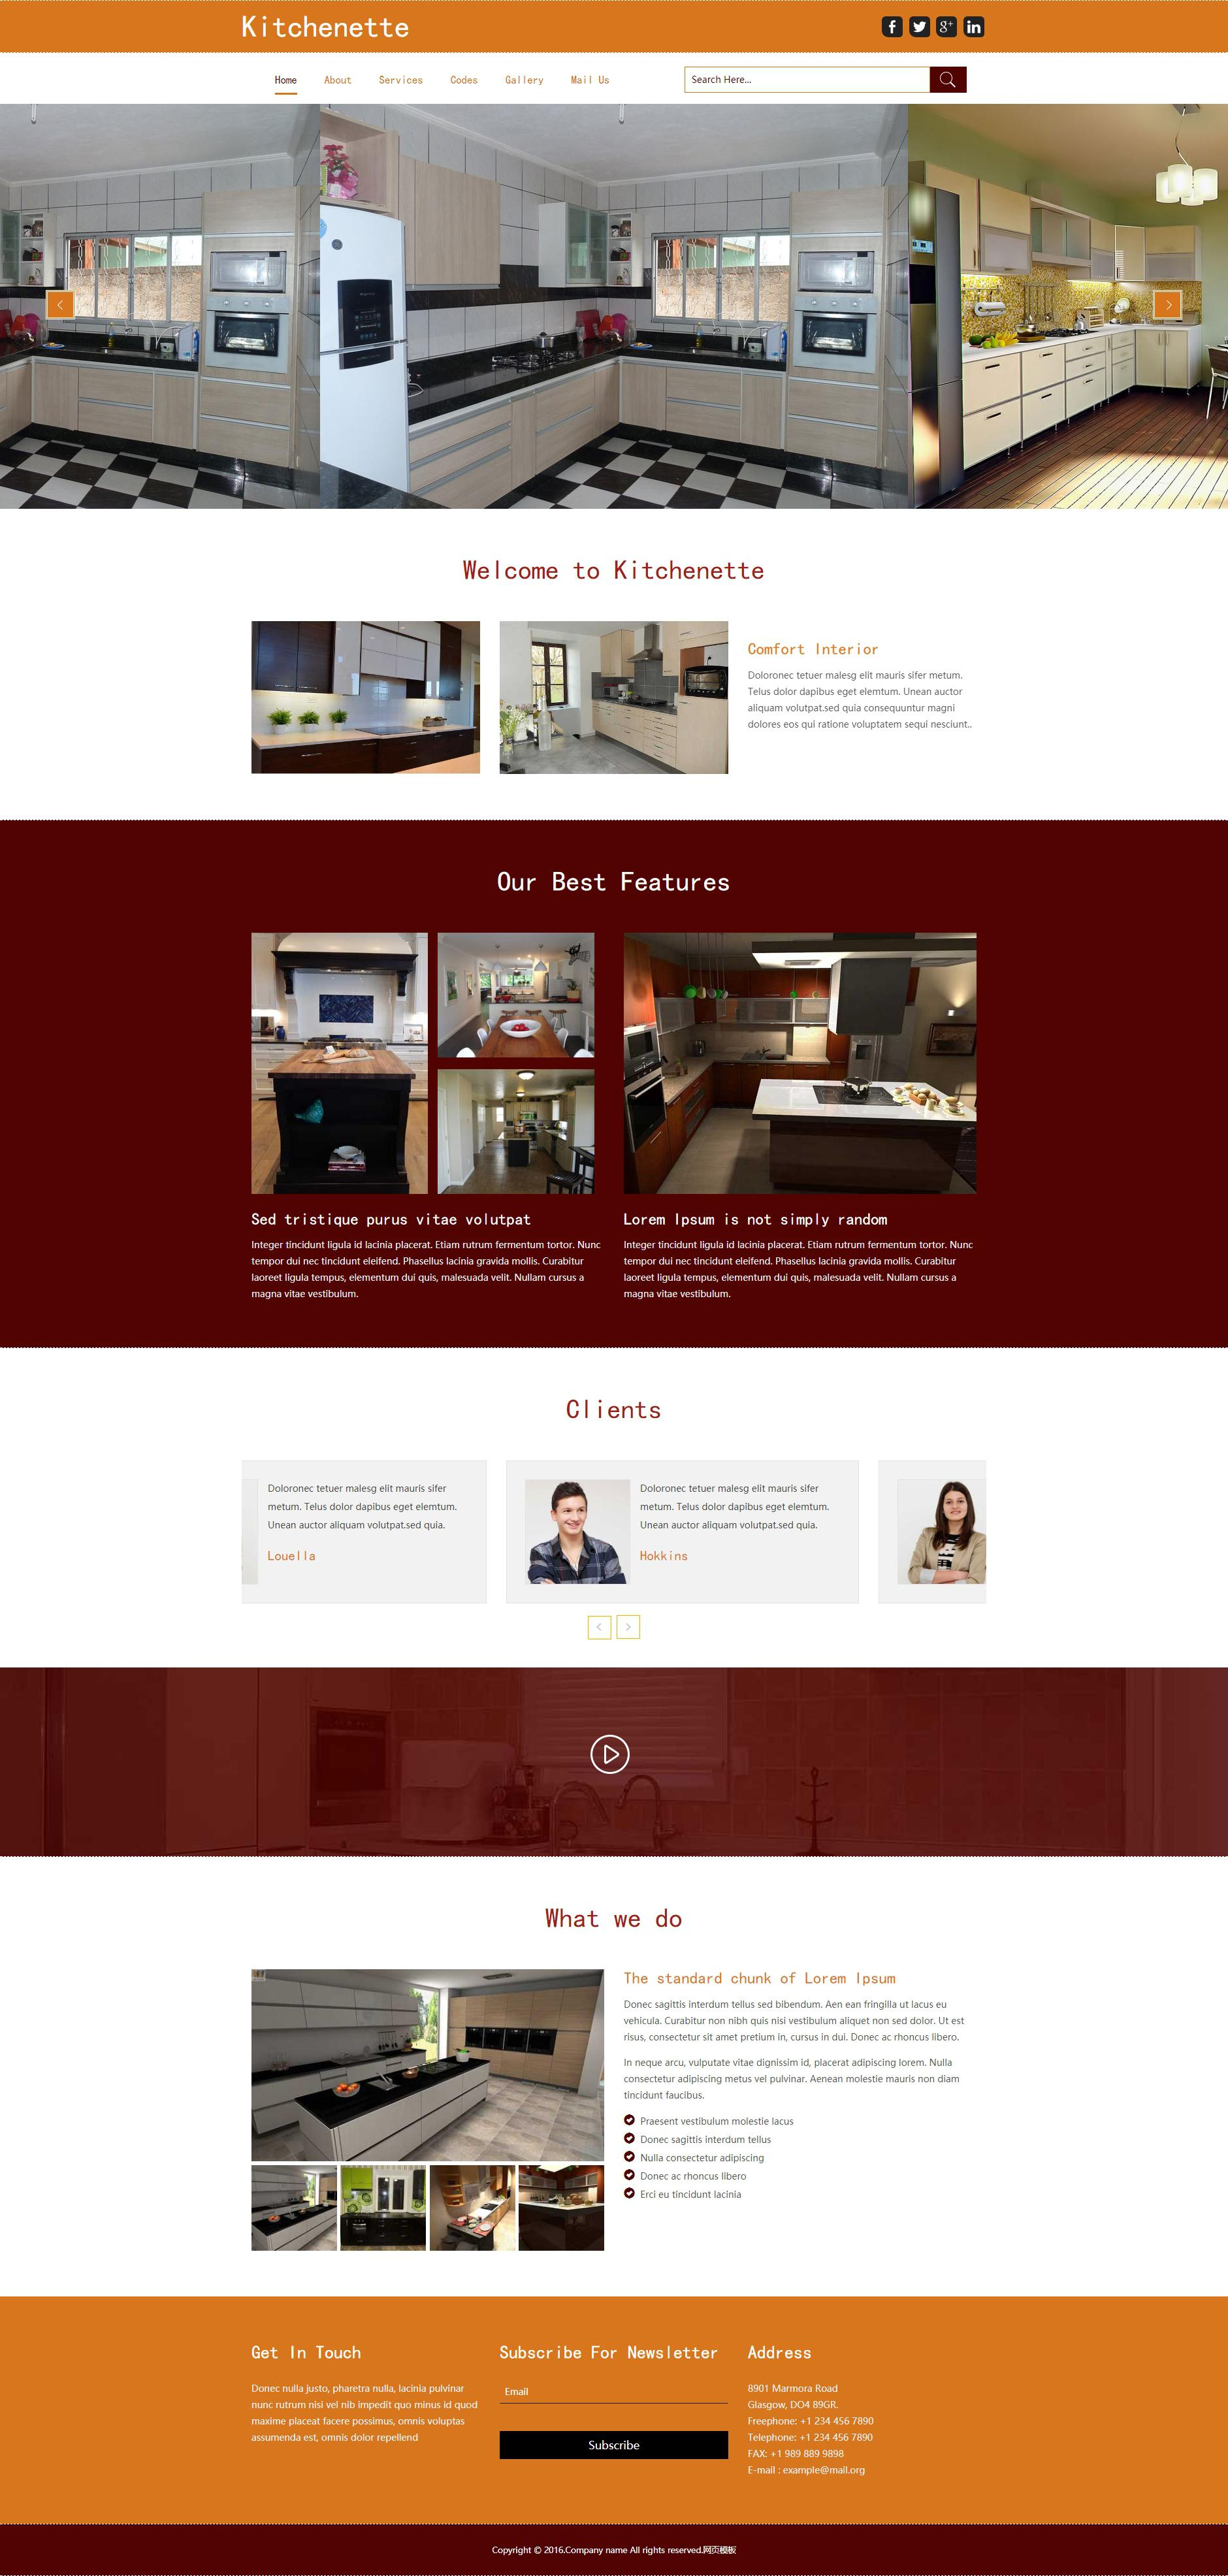 橙色宽屏的室内家具装饰公司网站静态html模板下载